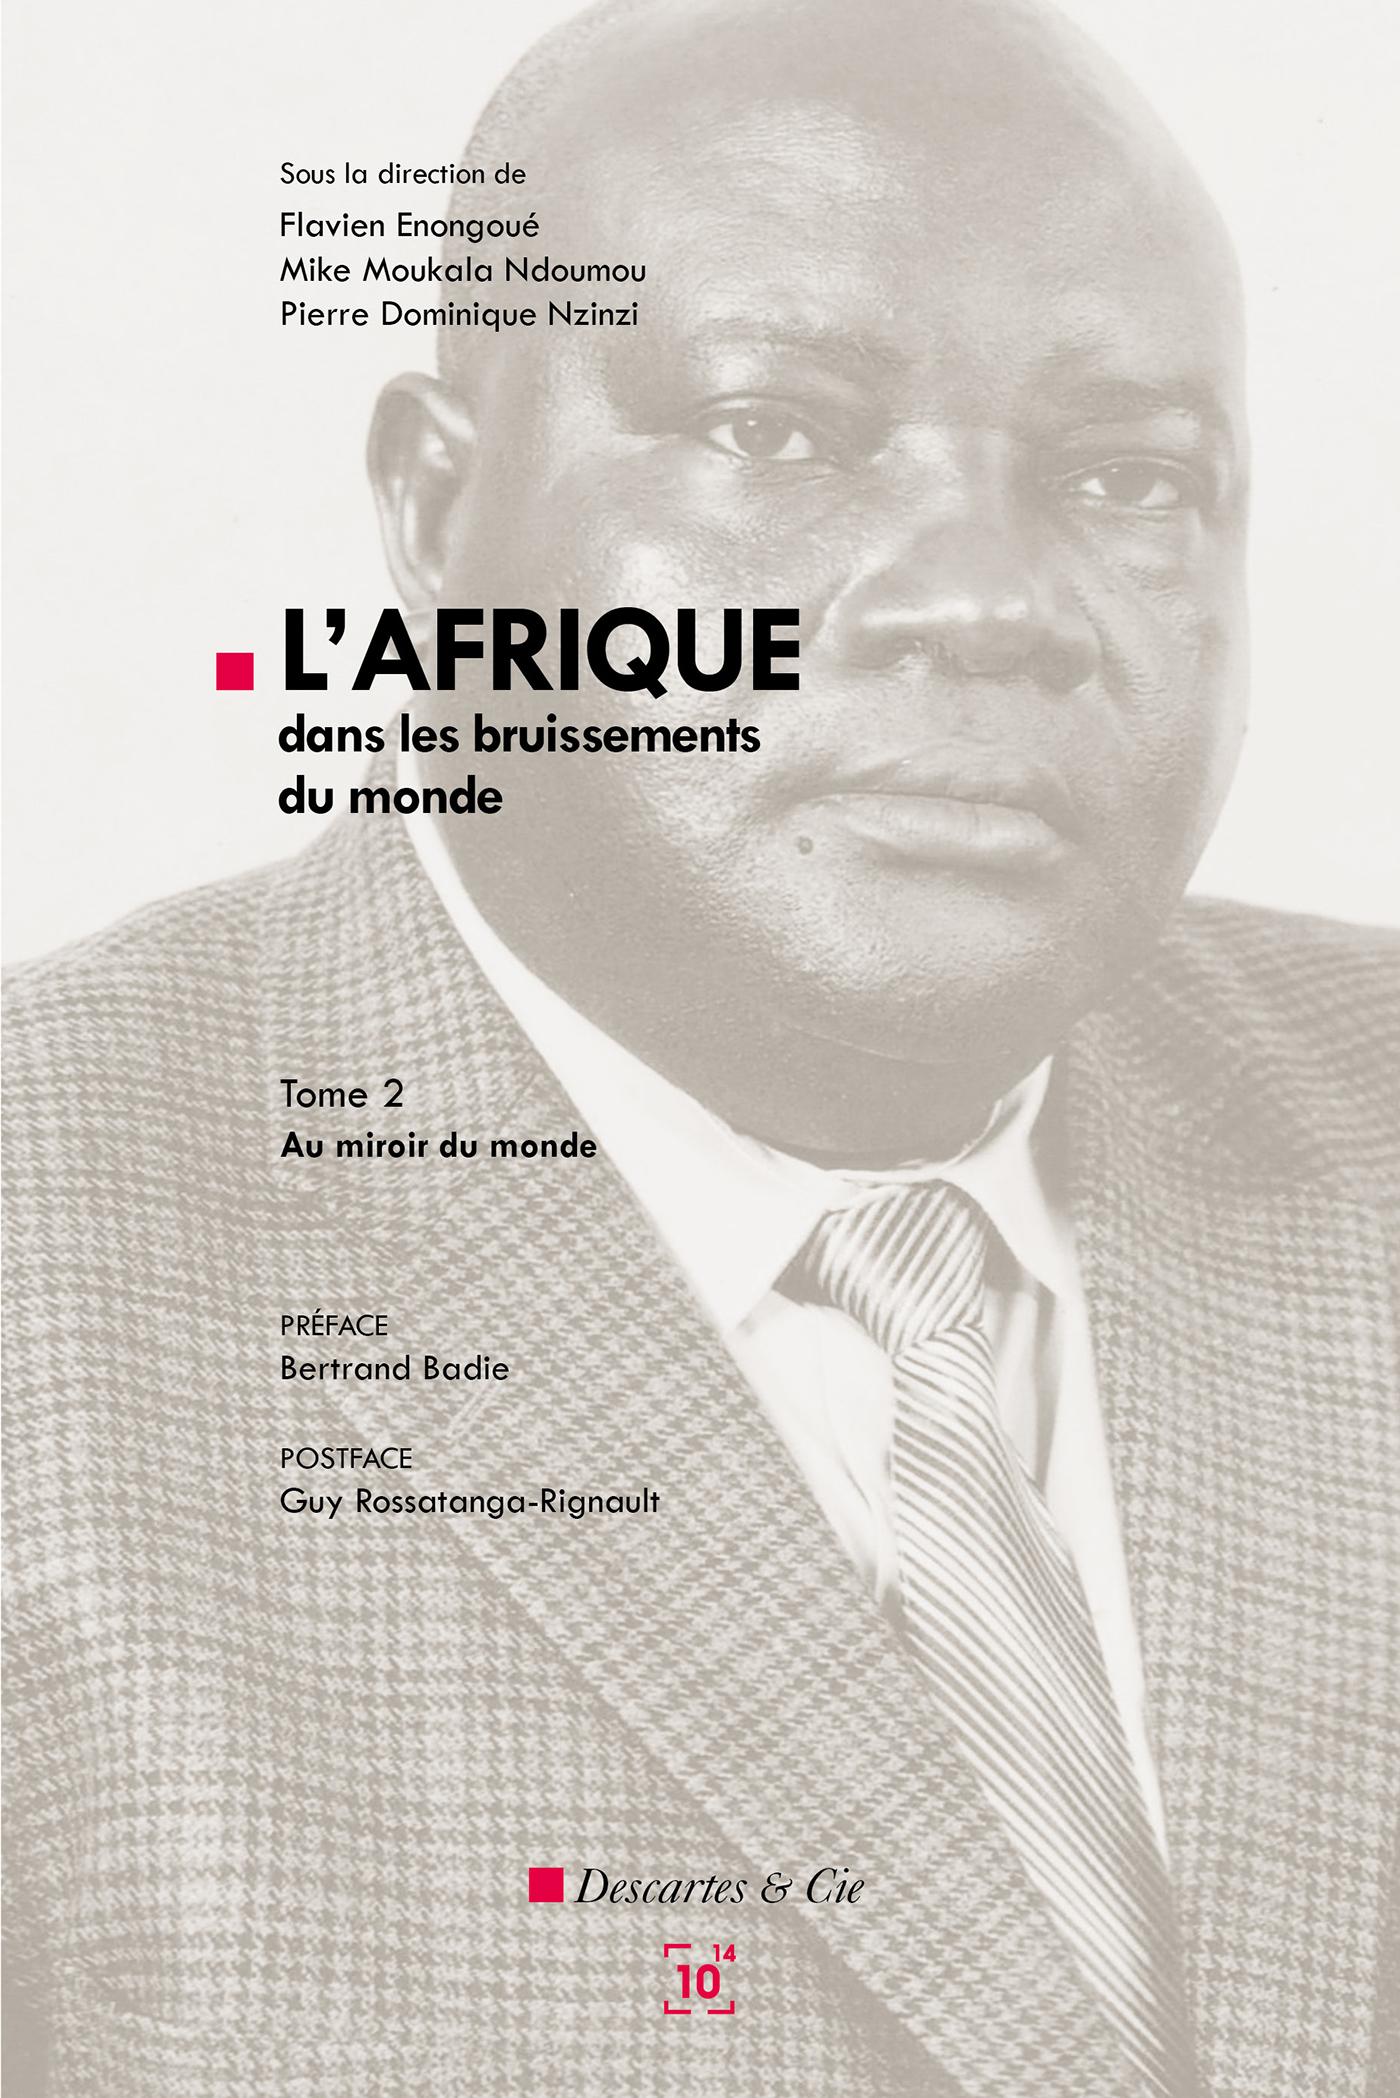 L'AFRIQUE DANS LE BRUISSEMENT DU MONDE, TOME 2